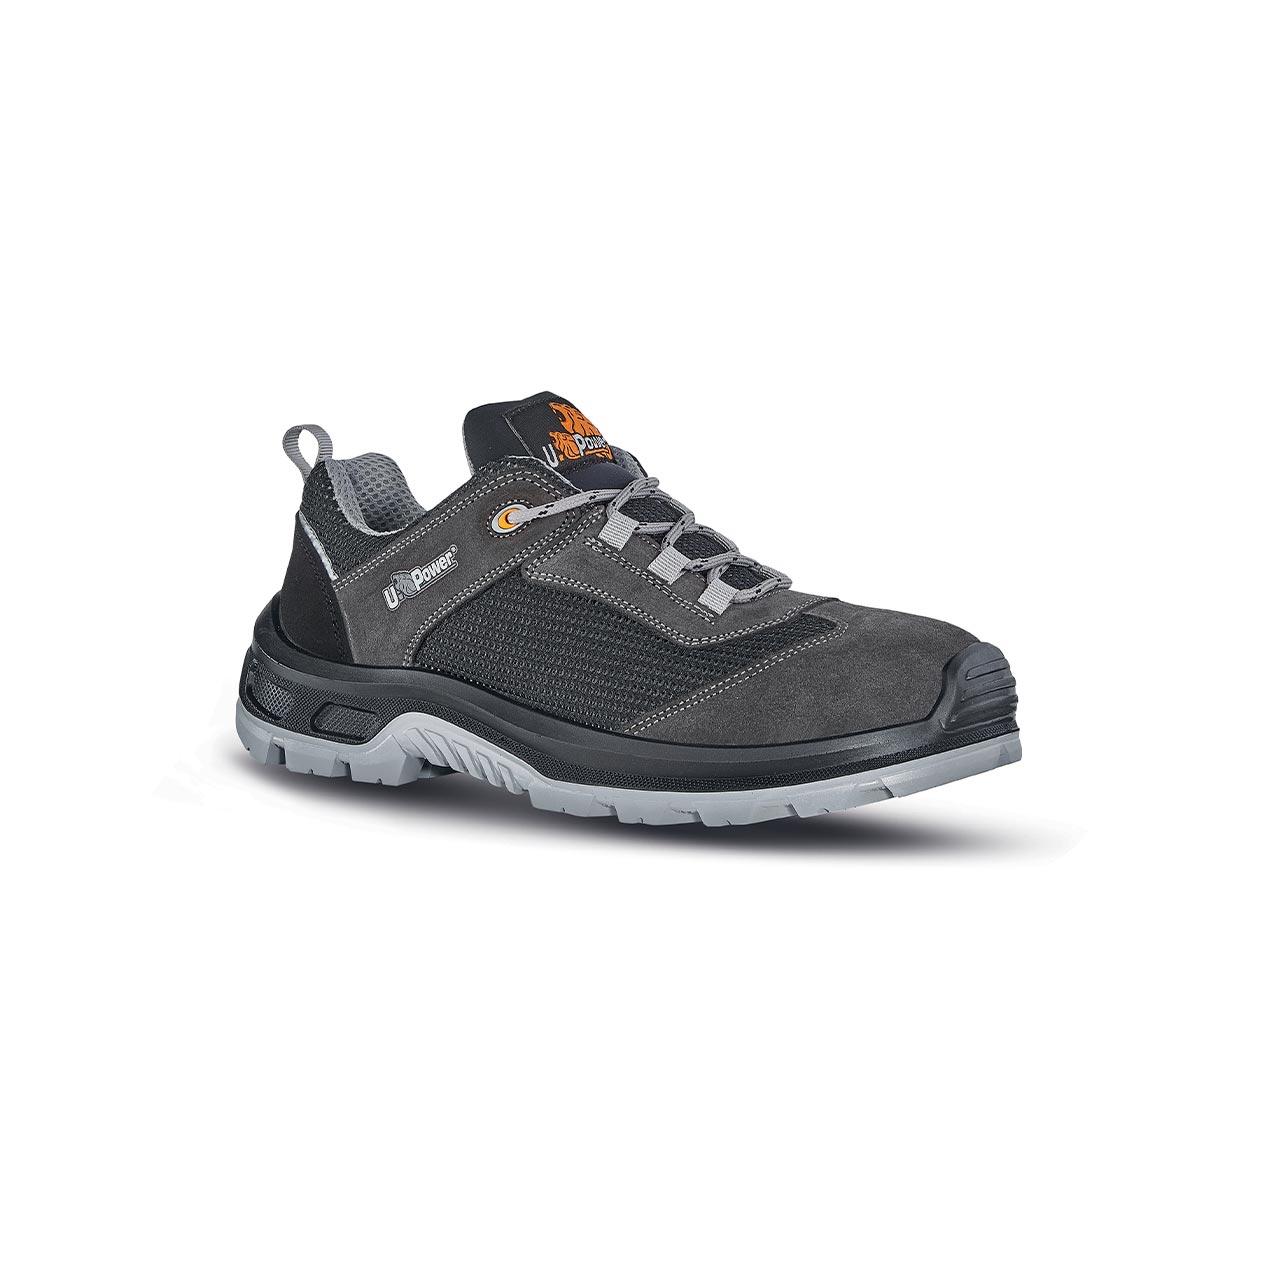 scarpa antinfortunistica upower modello twister linea conceptplus vista laterale